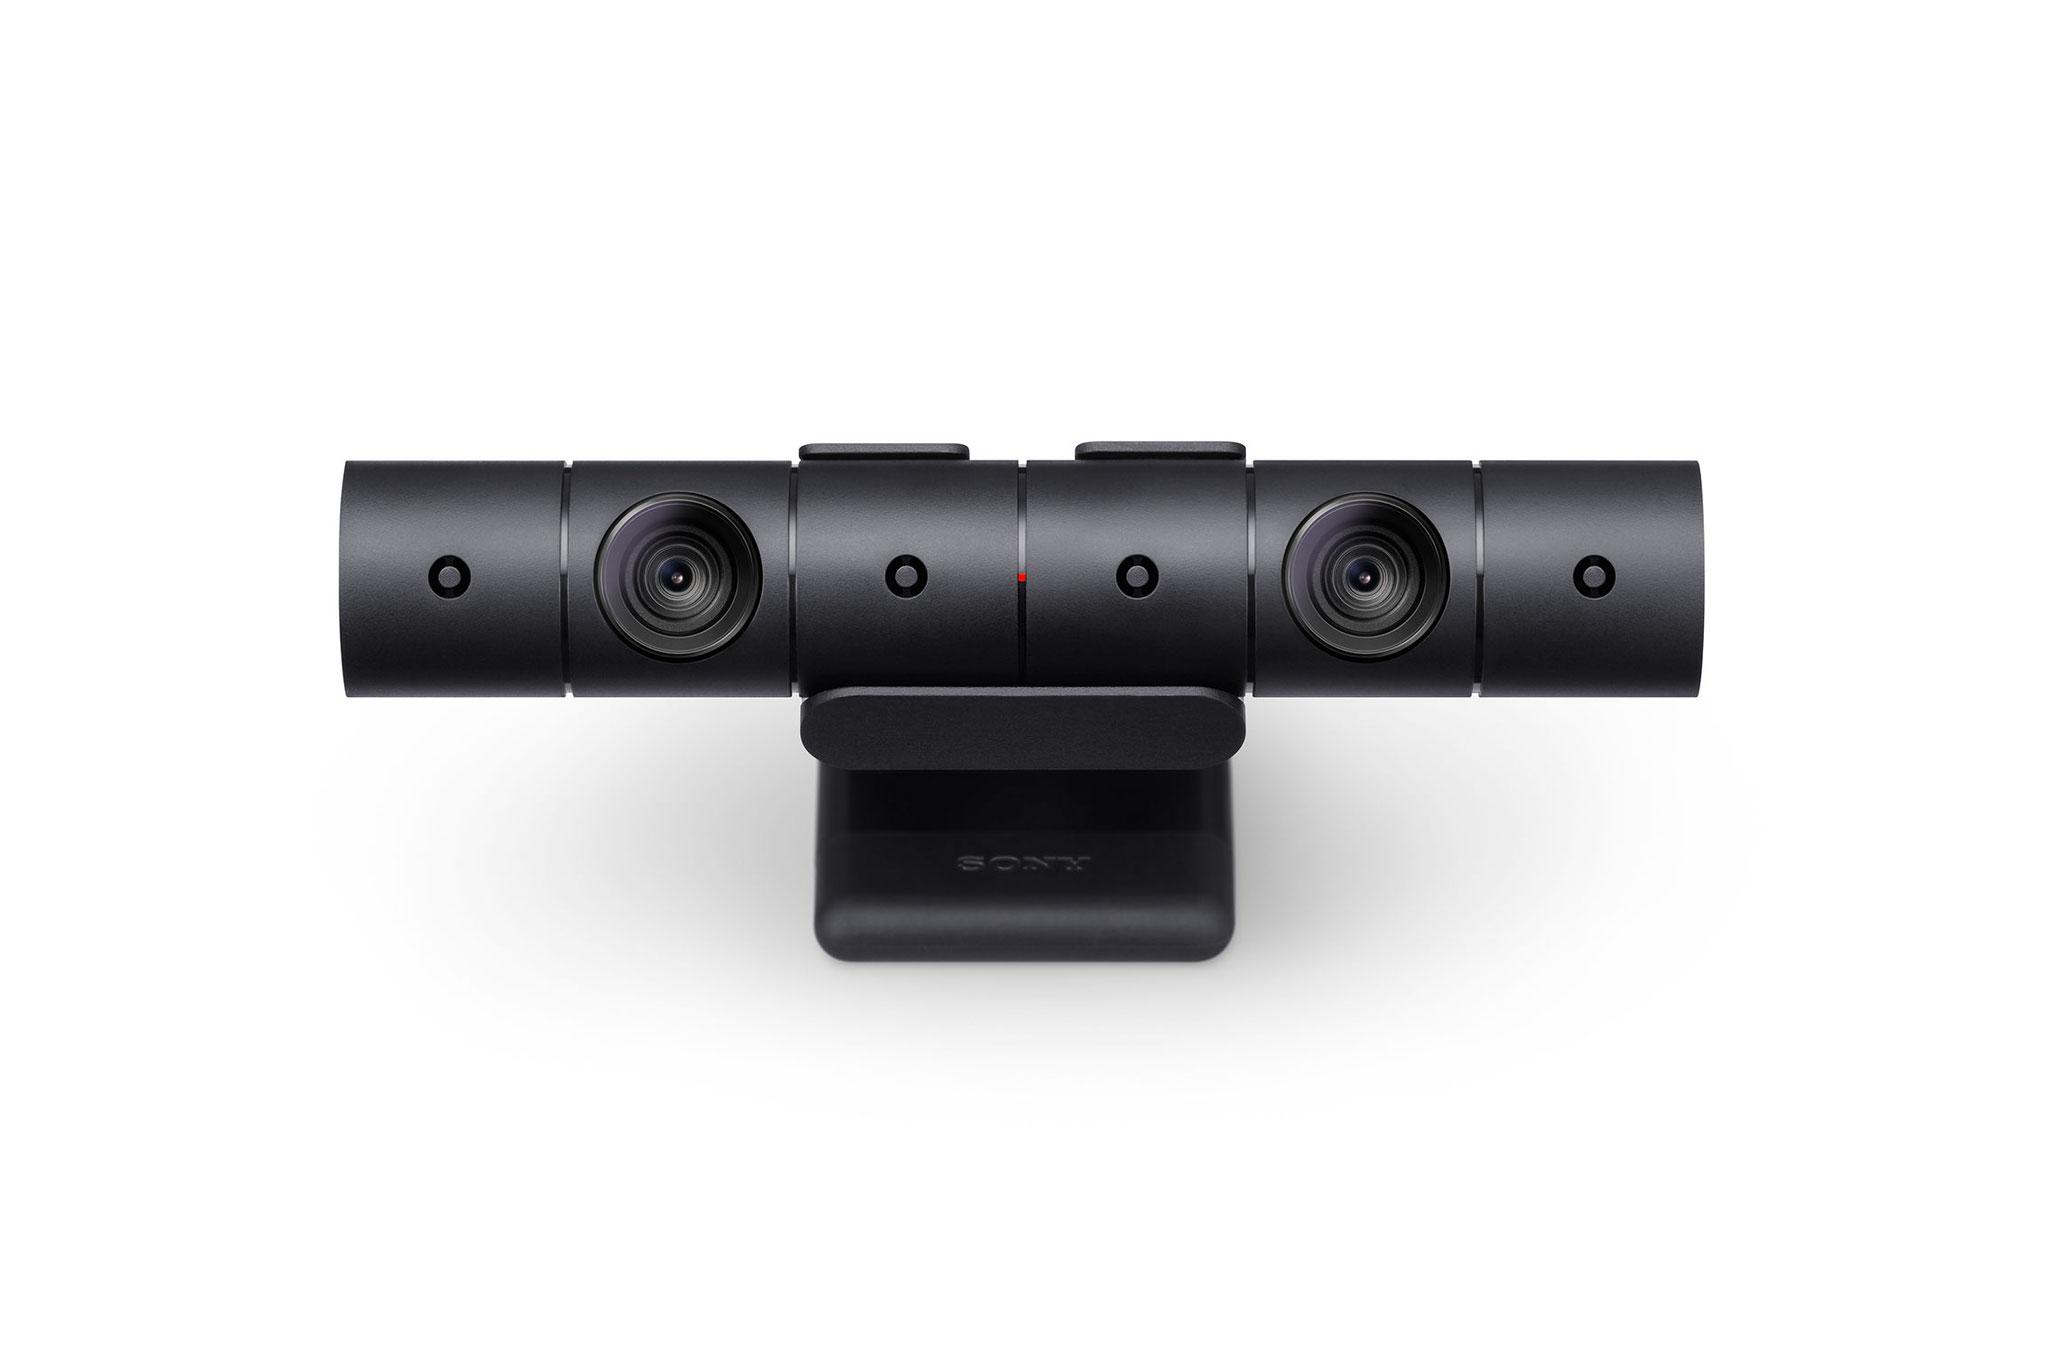 Schicker und endlich mit vernünftigem Standfuß gesegnet: Die PS4-Kamera. Wer bereits den Voränger sein Eigen nennt, kann aber verzichten.